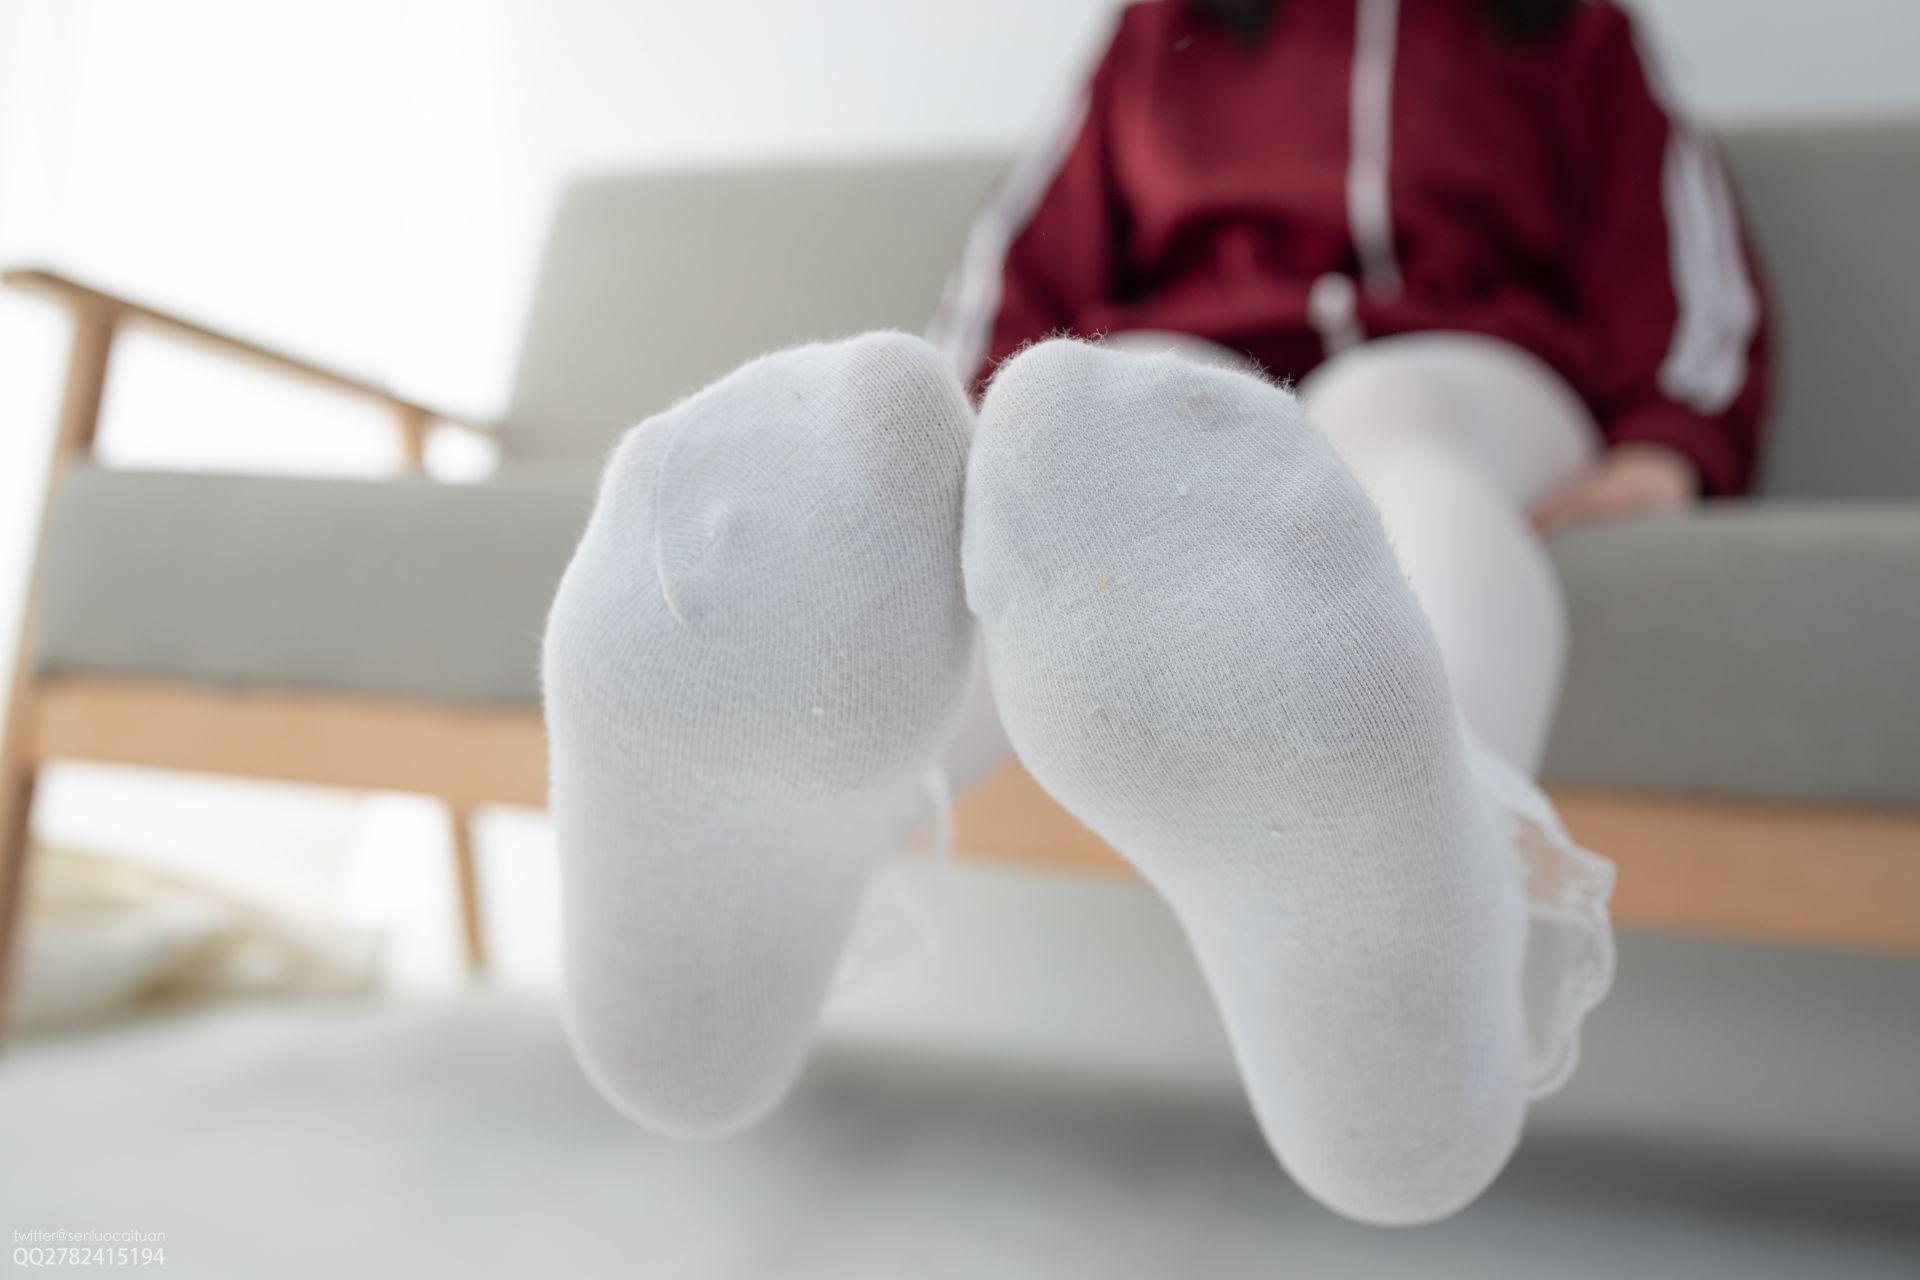 【森萝财团】 森萝财团写真 – JKFUN-057 白丝套蕾丝花边短袜 Aika [105P-1V-2.84GB] JKFUN 第4张